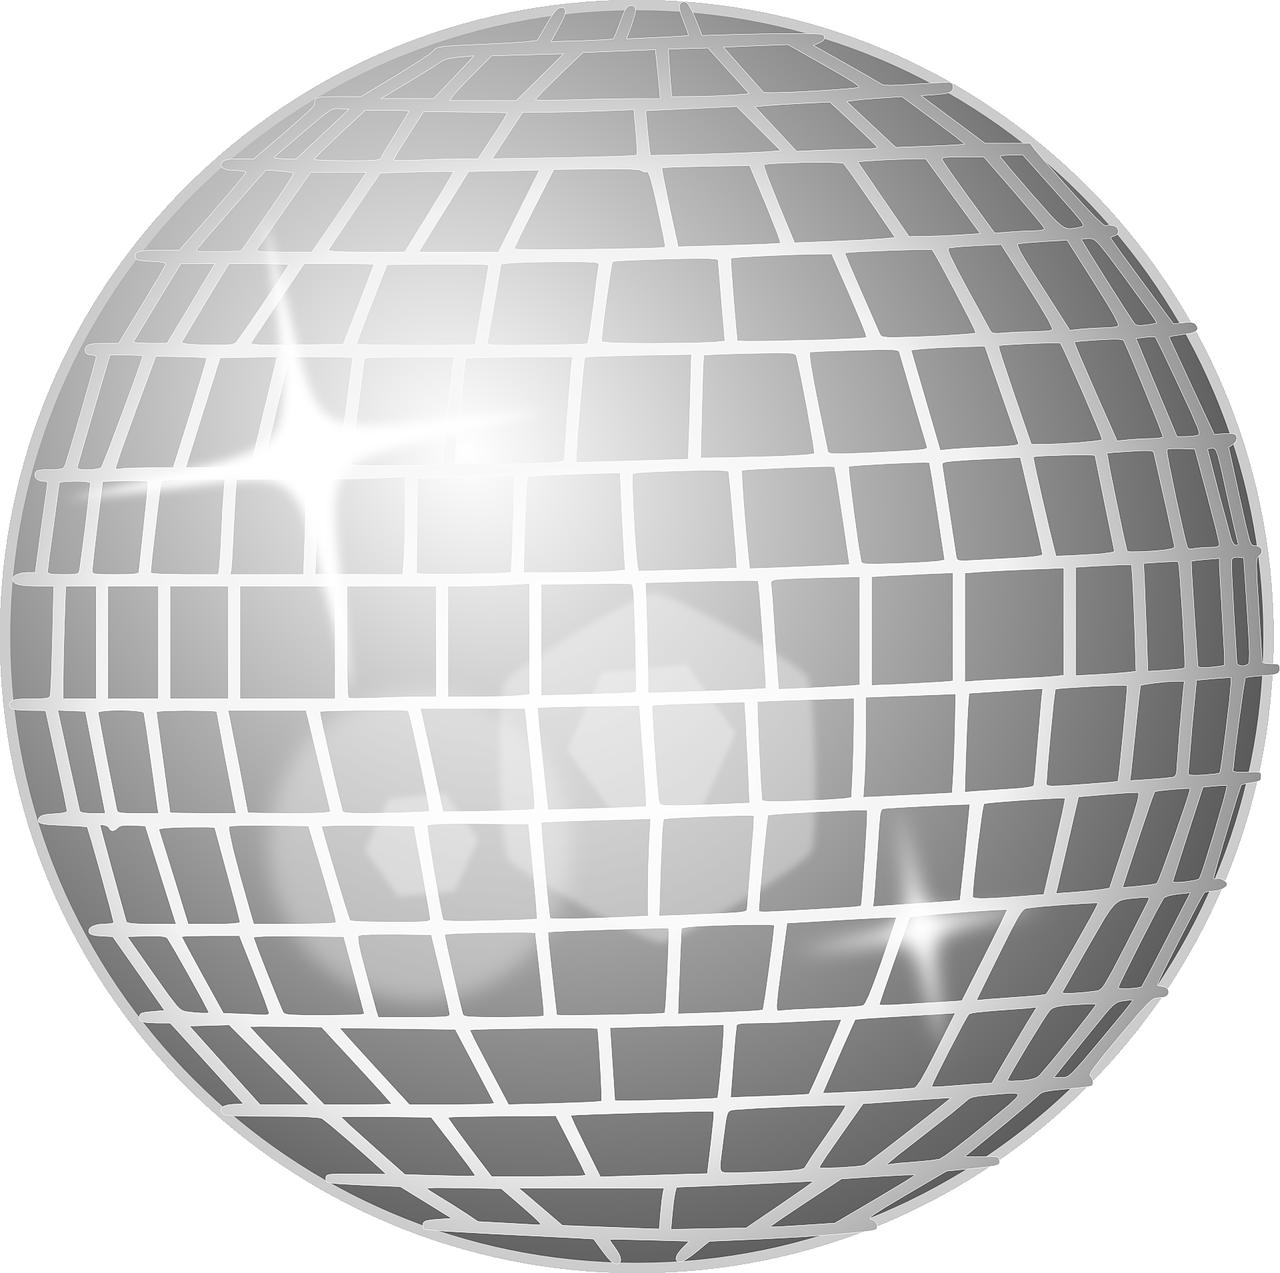 Disco Ball Mirror Glitter Free Vector Graphic On Pixabay Disco Ball Mirror Disco Ball Mirror Ball